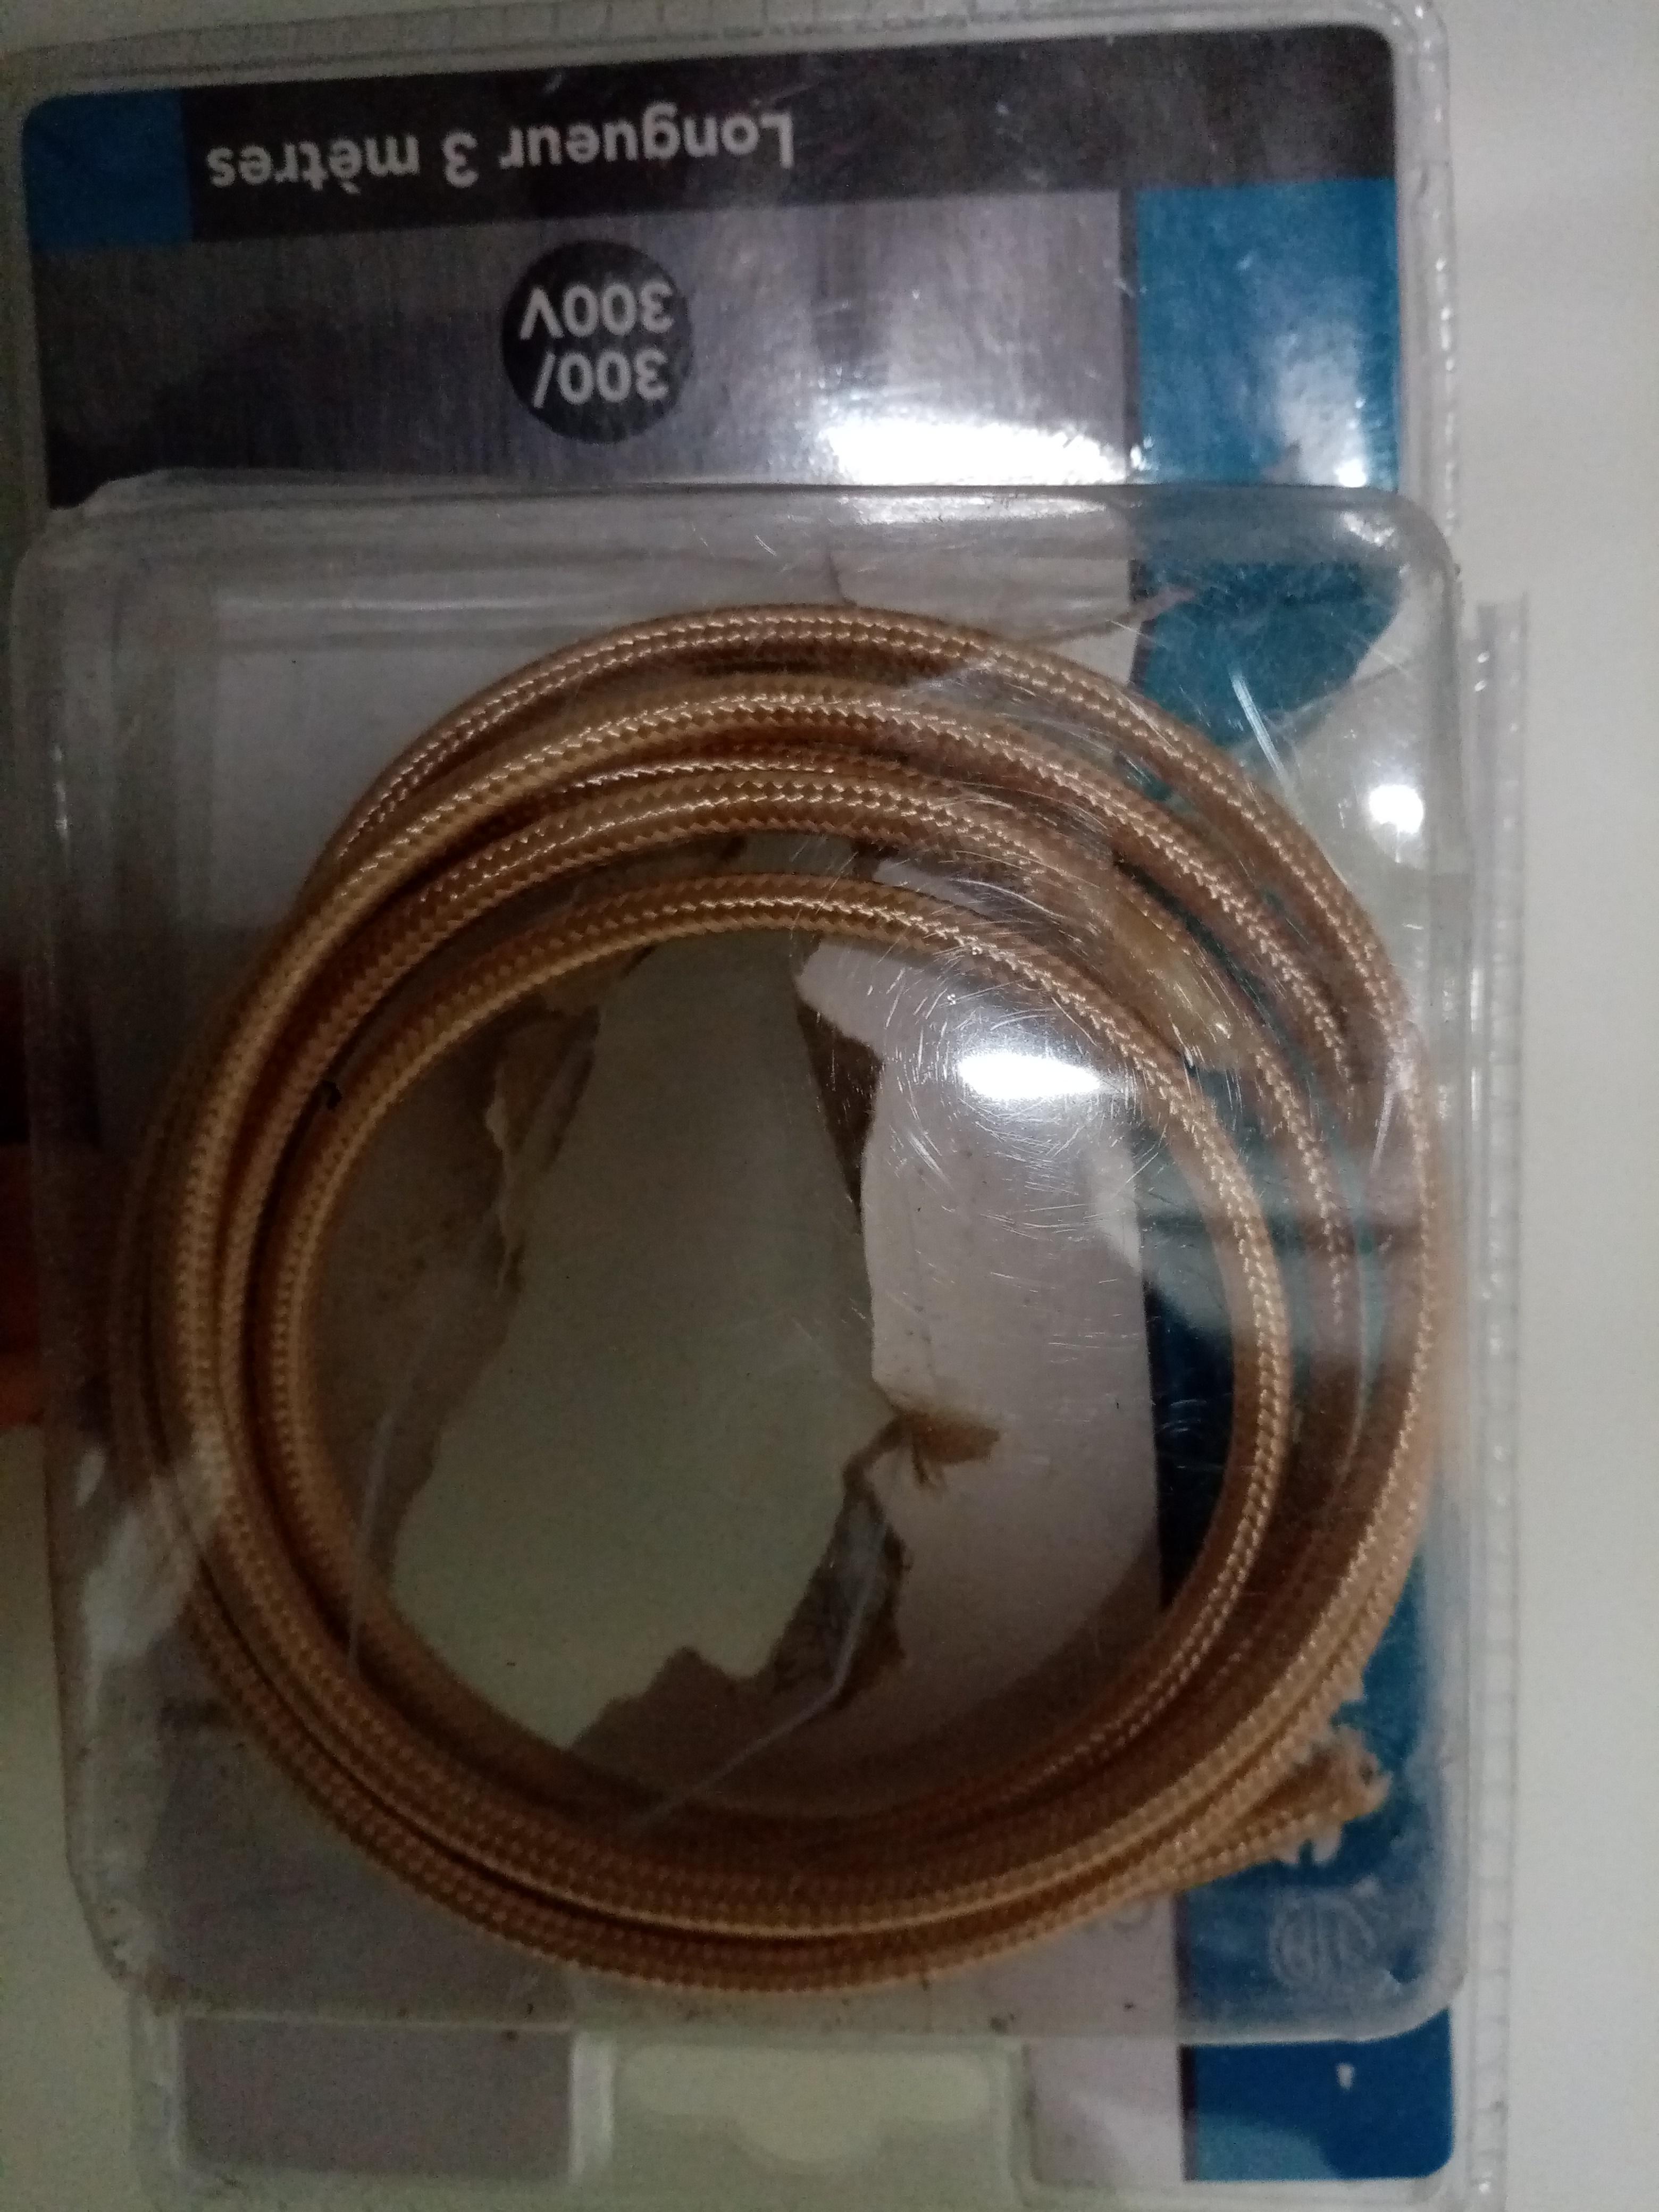 Cable doré